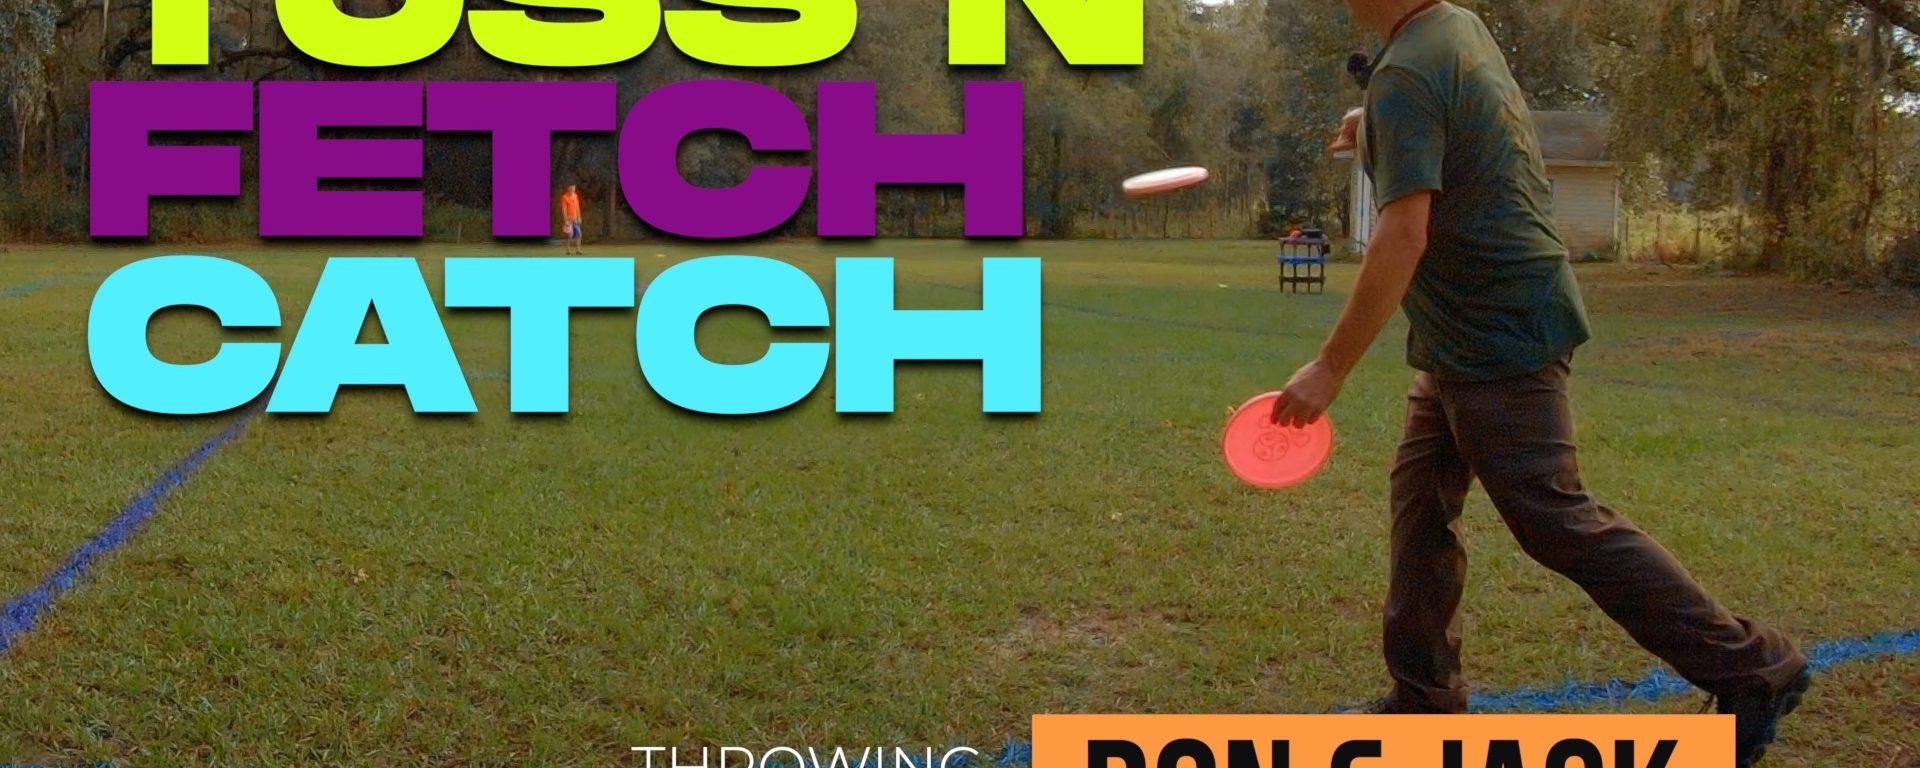 Toss N Fetch Catch | Practicing Under Pressure